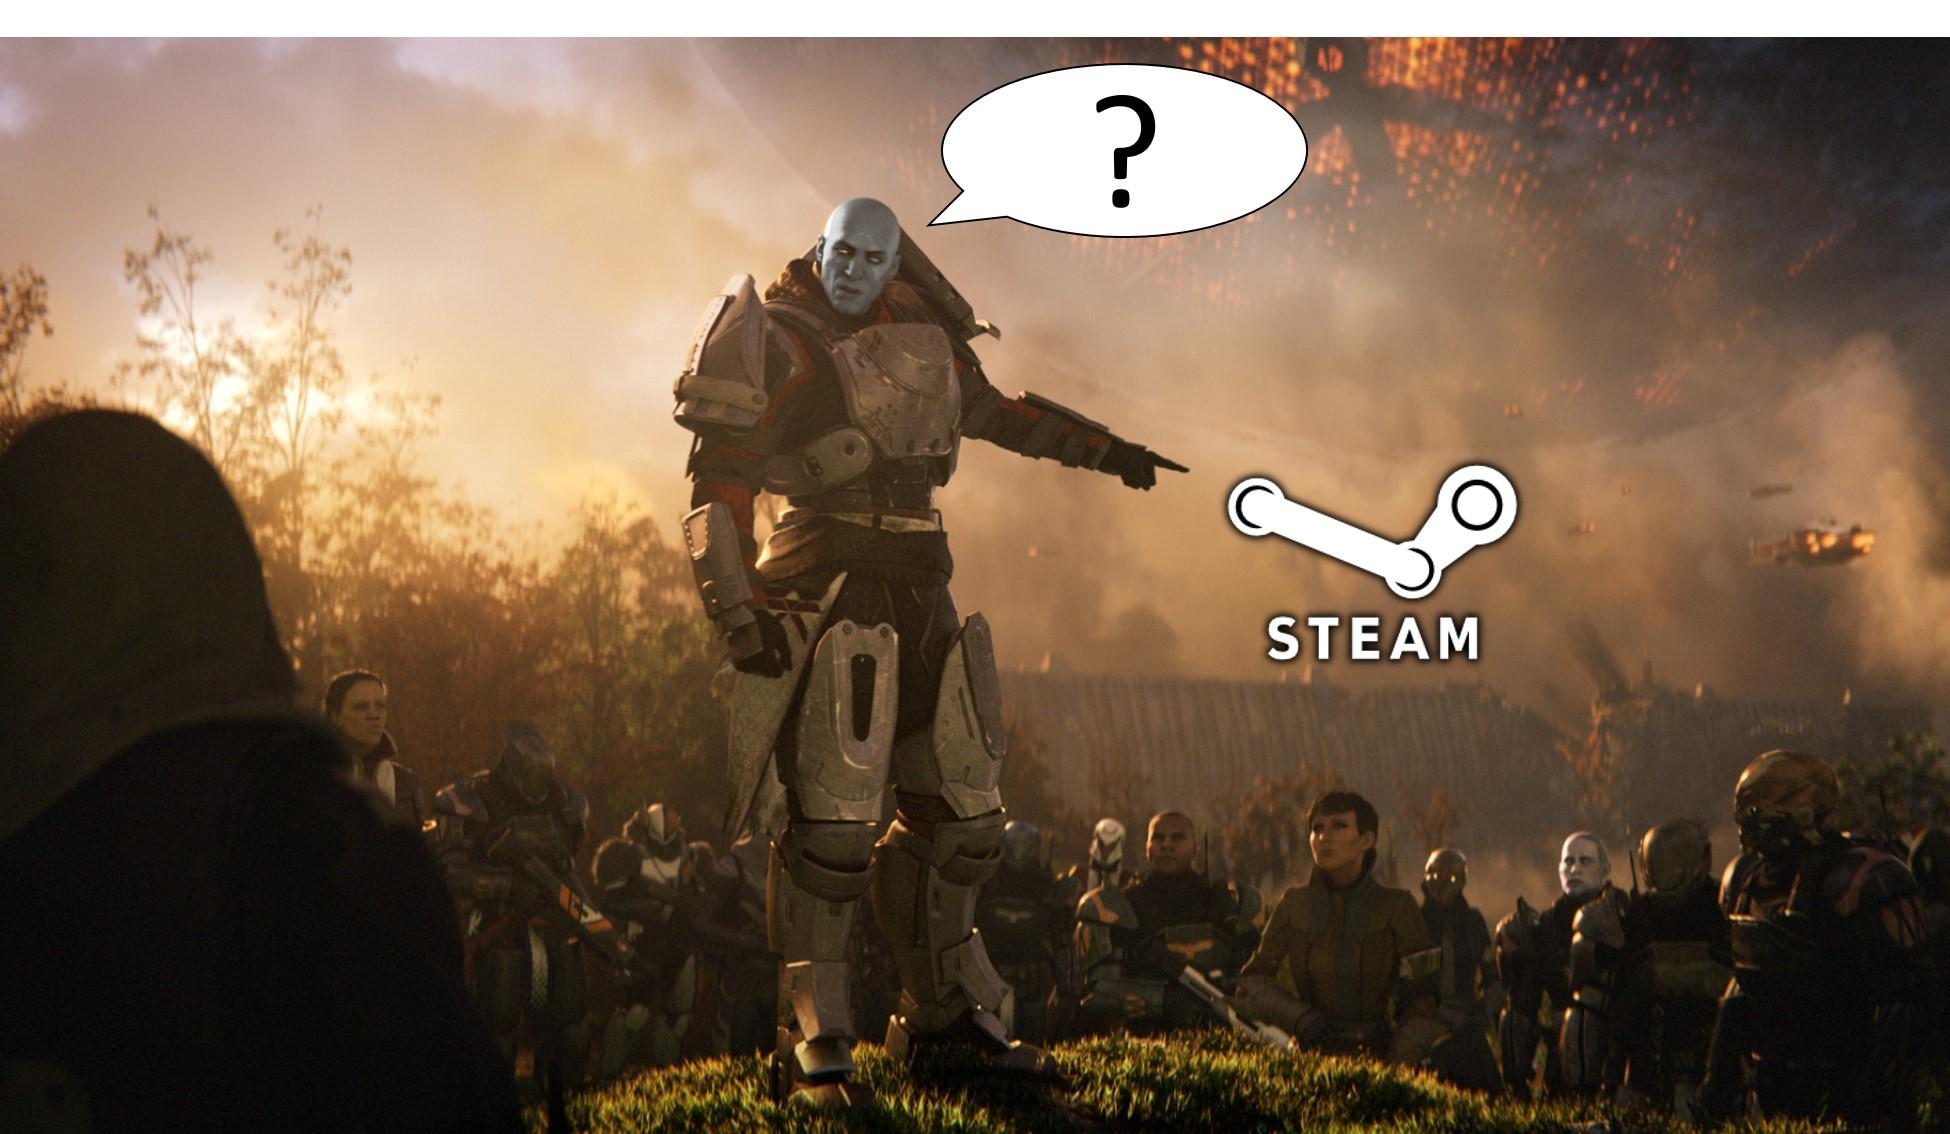 """Destiny-Währung """"Silber"""" taucht auf Steam auf, sorgt für Verwirrung"""